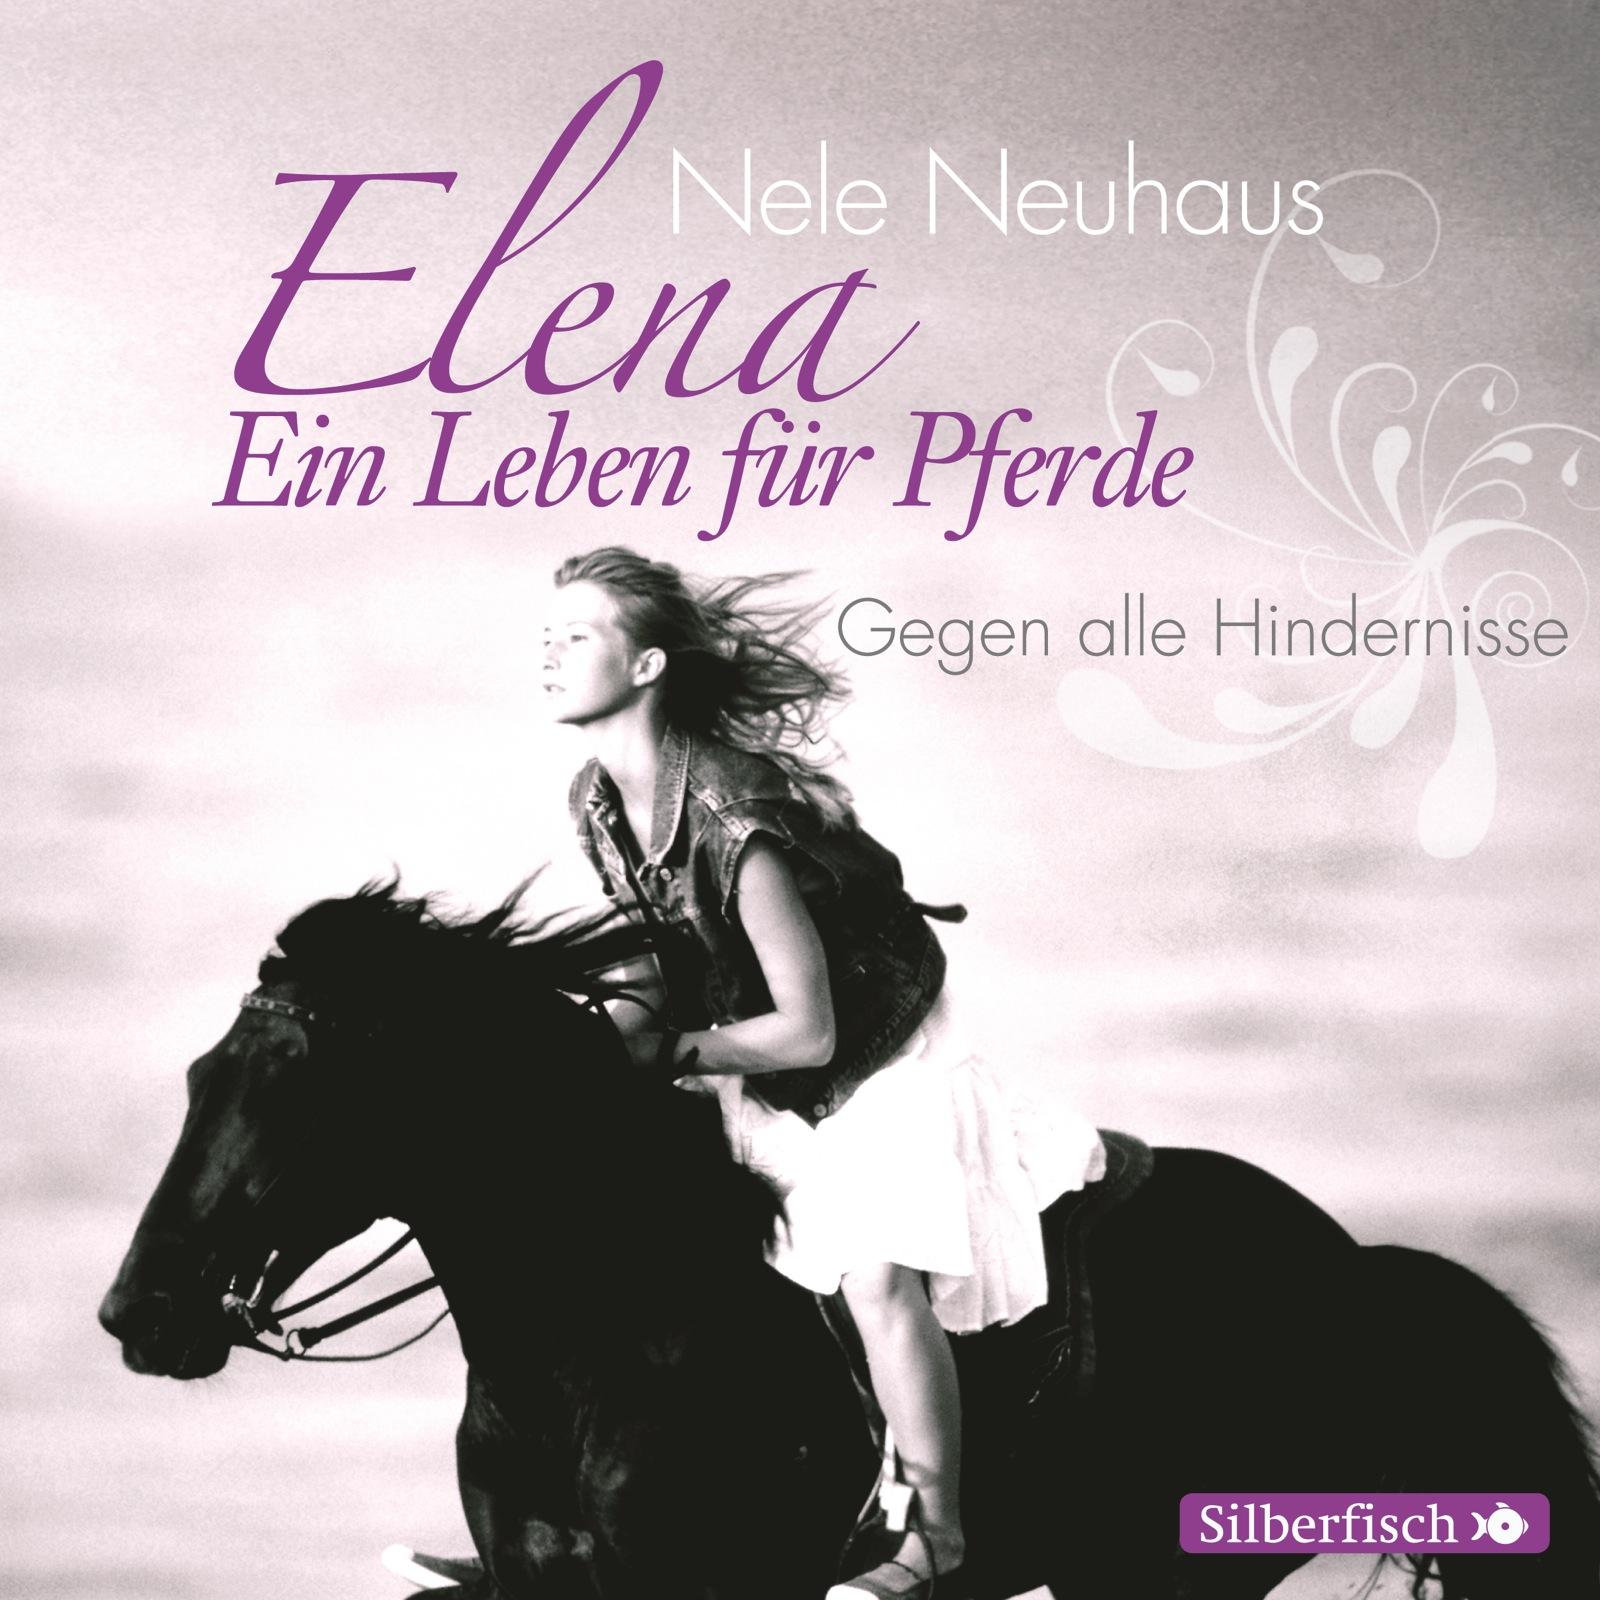 Elena - Ein Leben für Pferde: Folge 1 - Gegen alle Hindernisse - Nele Neuhaus [Audio CD]